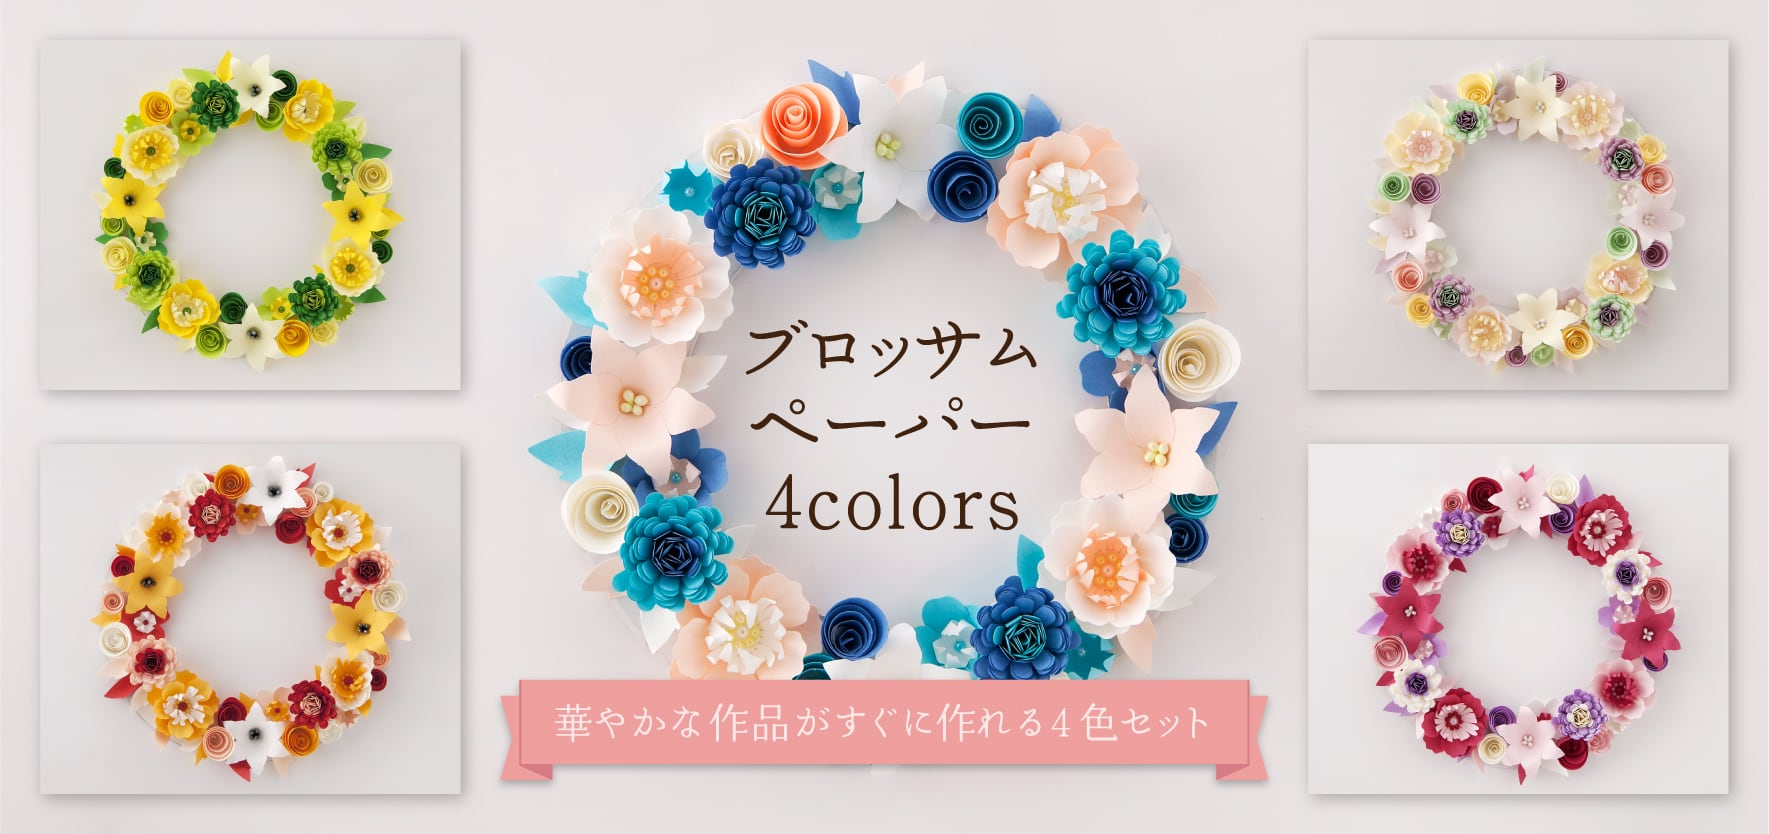 ブロッサムペーパー4colors